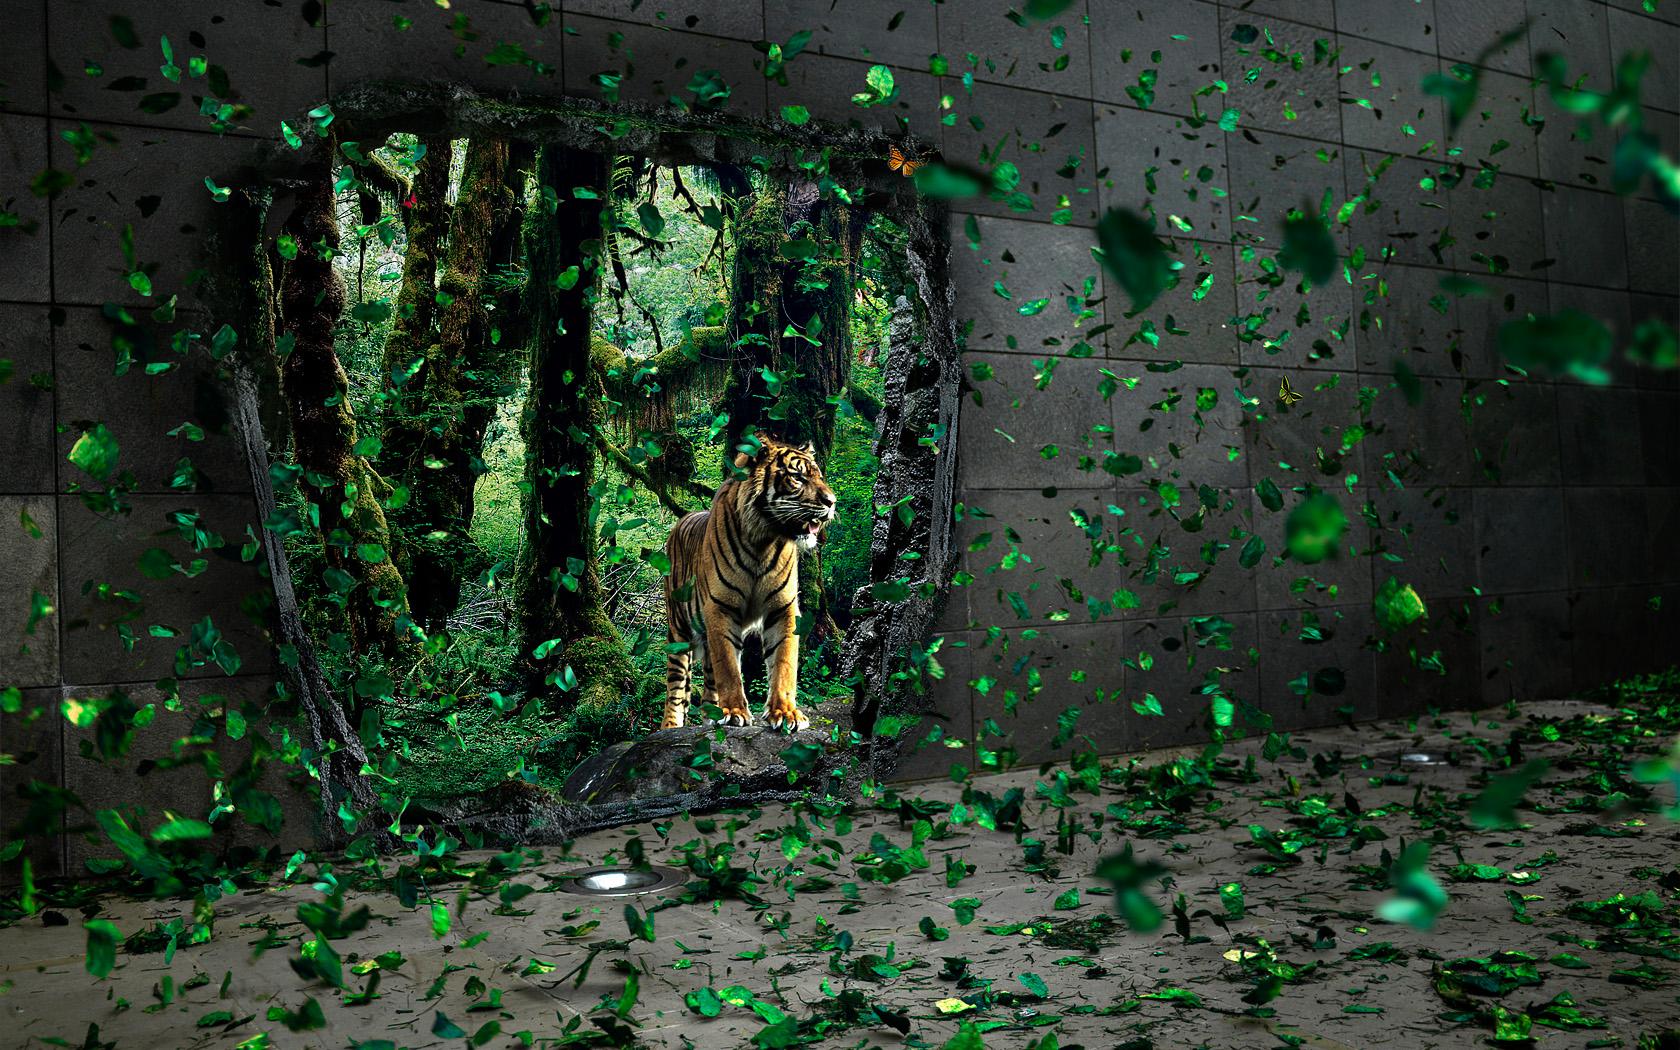 tiger wallpaper 3d graphic